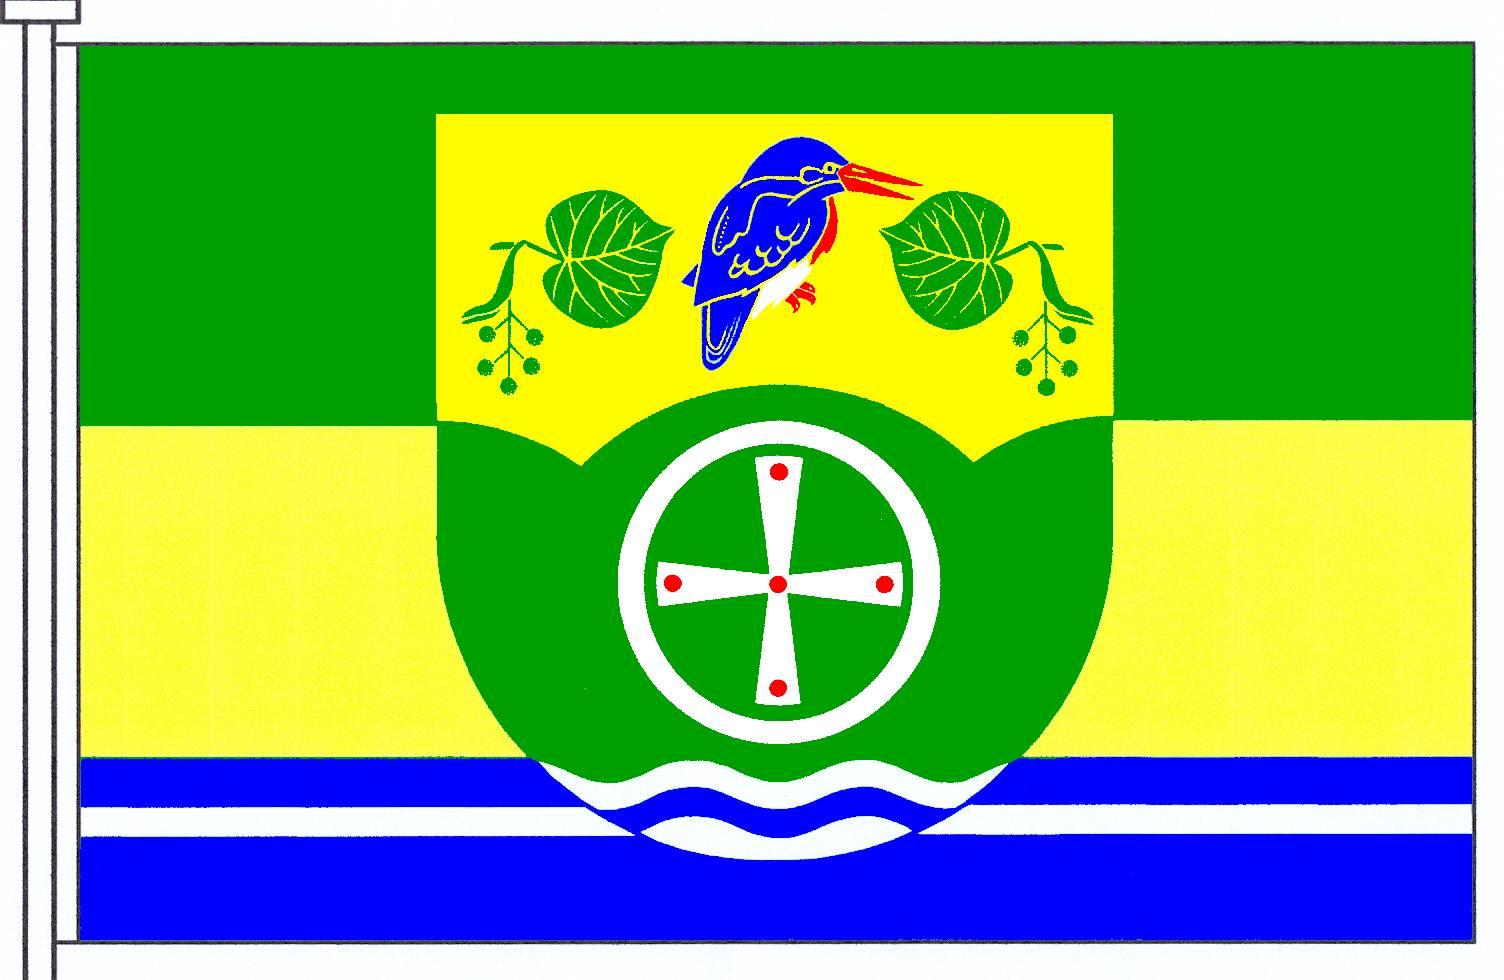 Flagge GemeindeBälau, Kreis Herzogtum Lauenburg